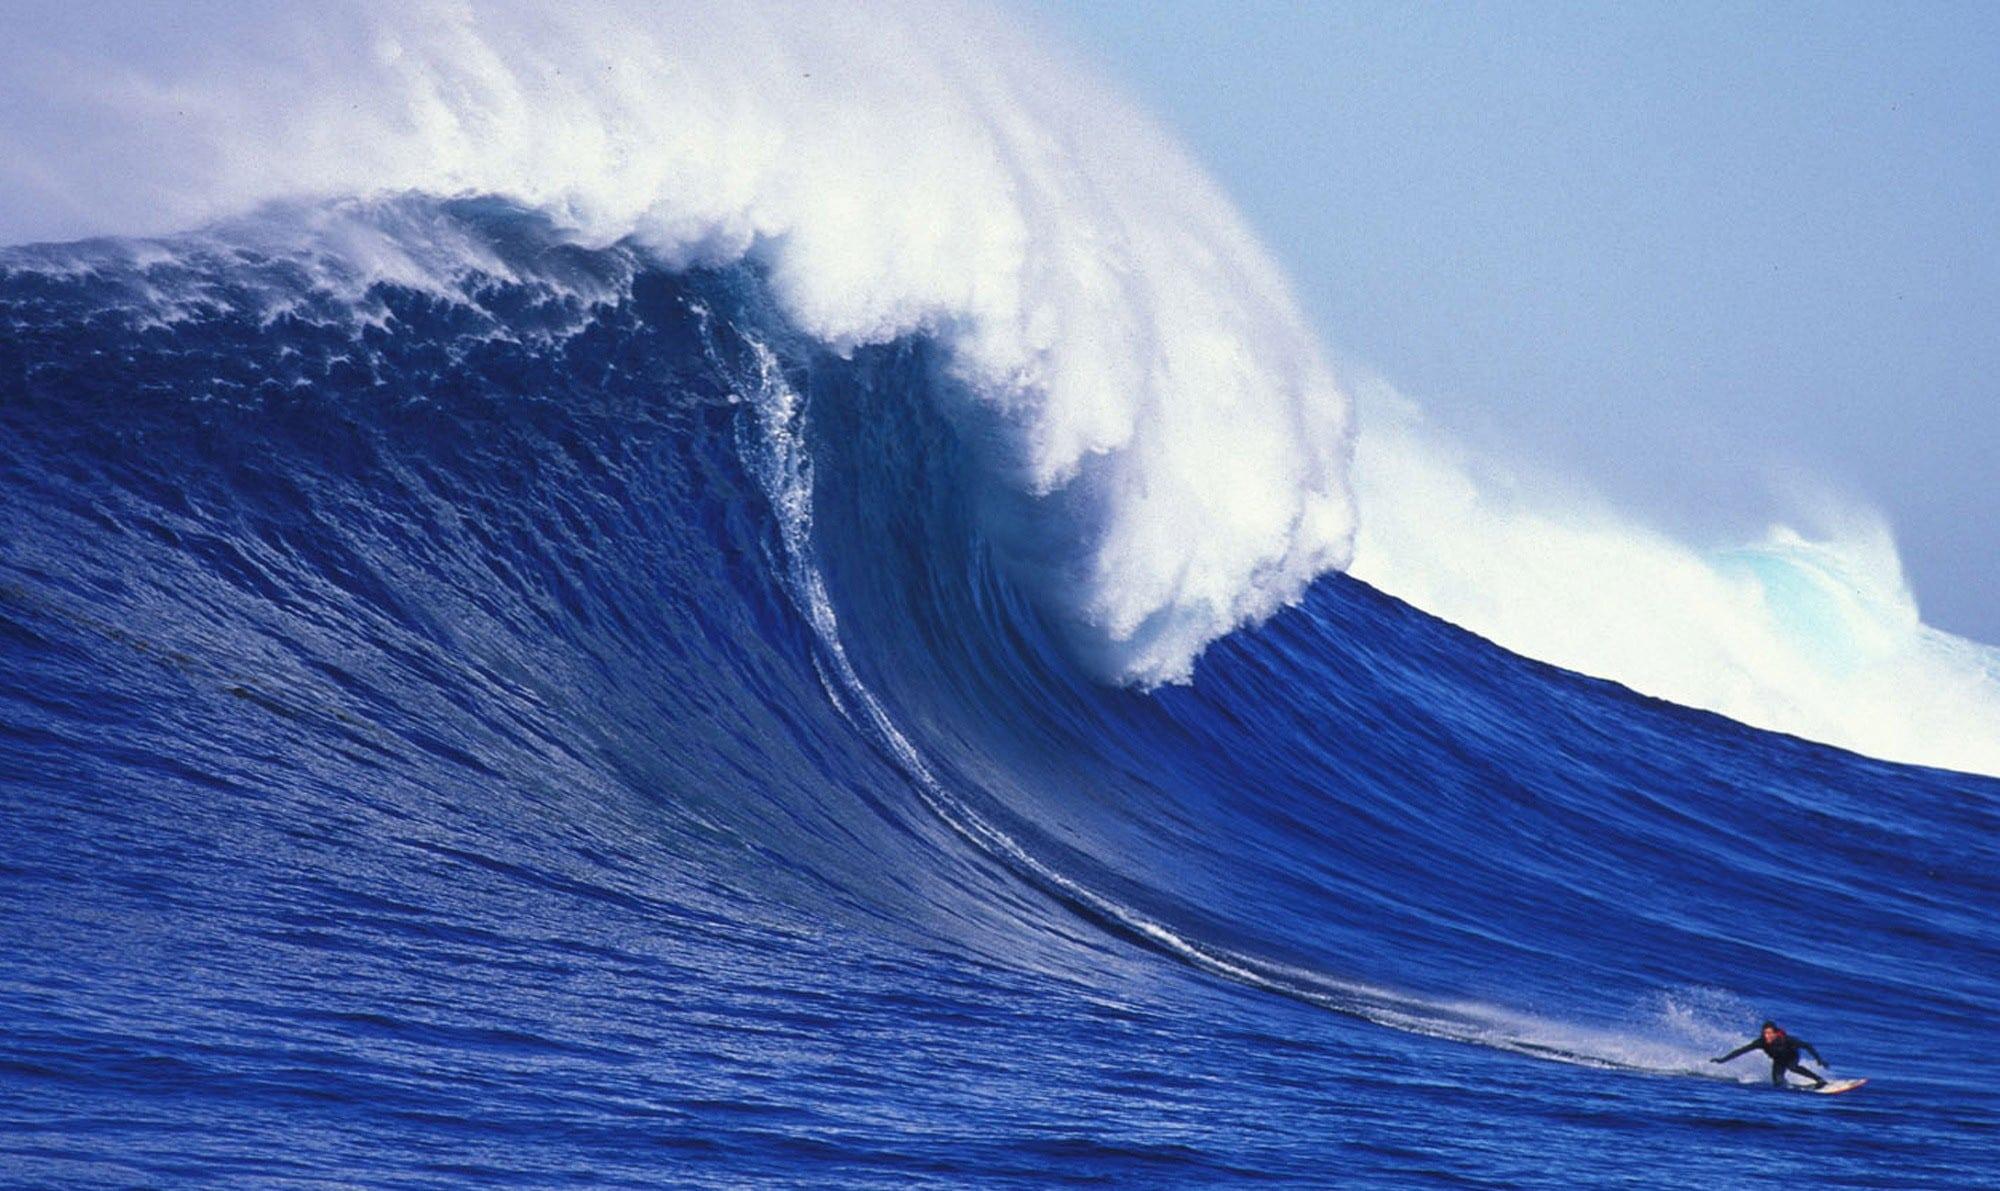 Cortes Bank, na Califórnia,formas surpreendentes ondas gigantes